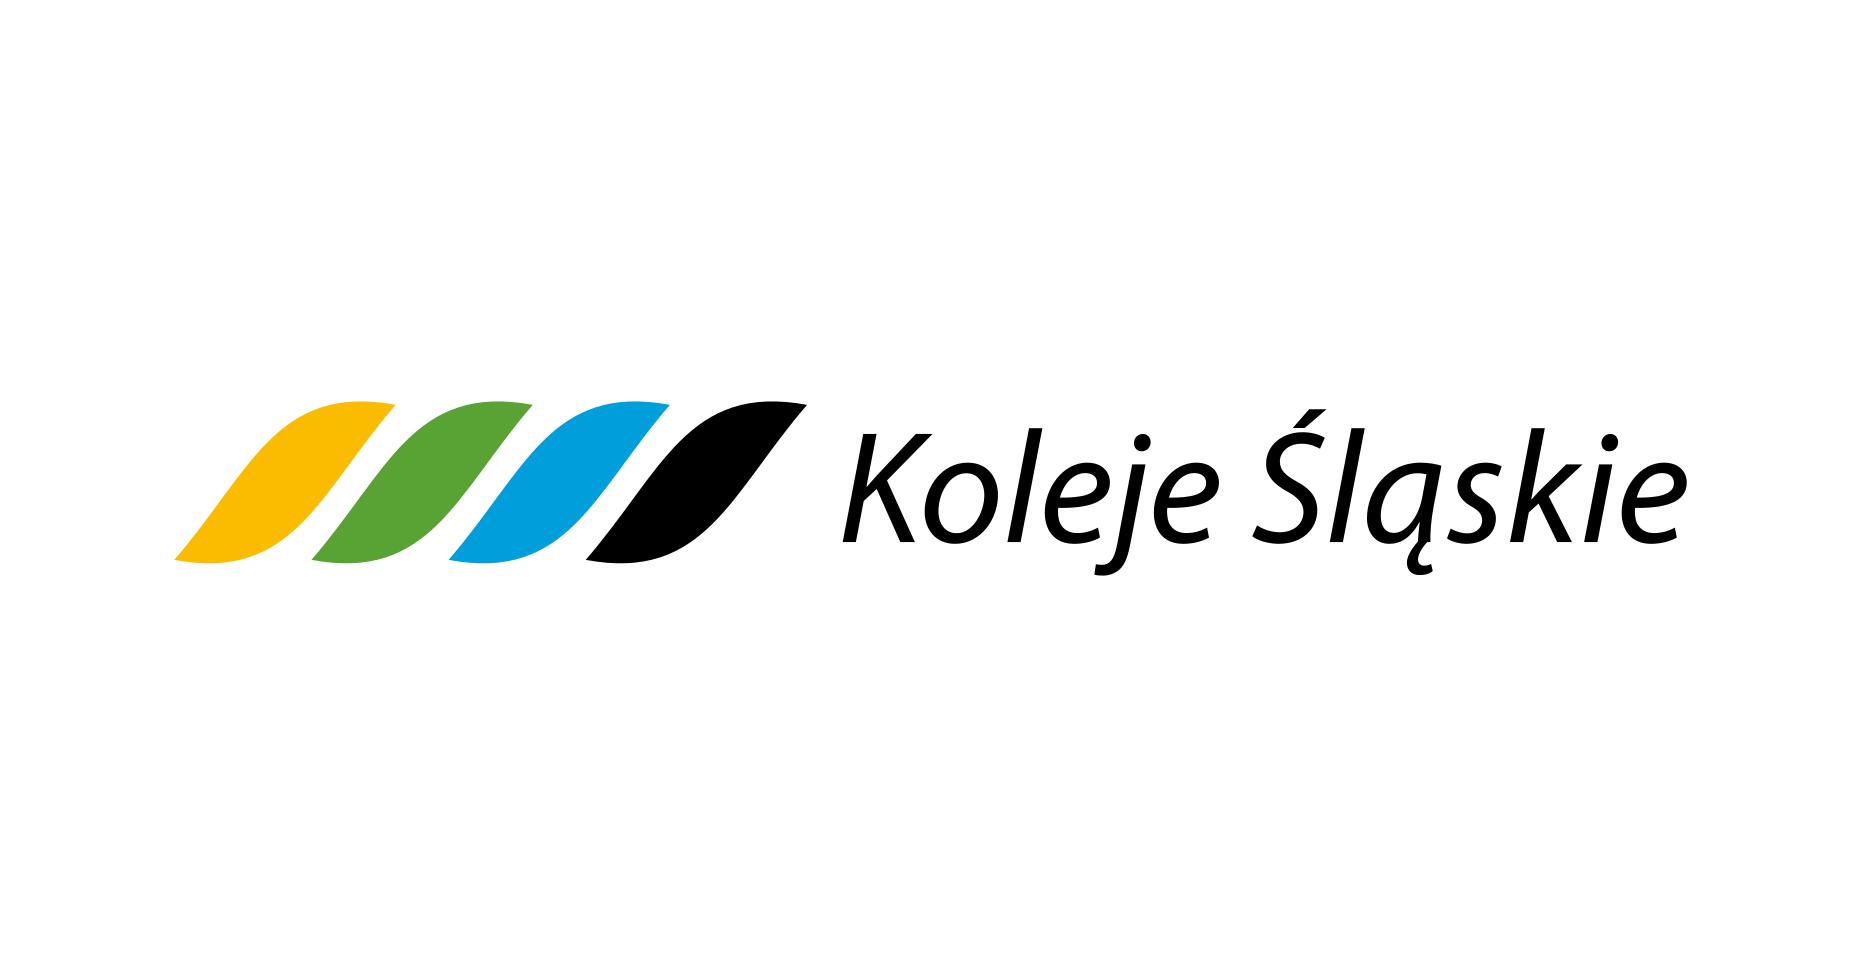 Infolinia Koleje Śląskie   Numer, adres, informacje dodatkowe, telefon, kontakt